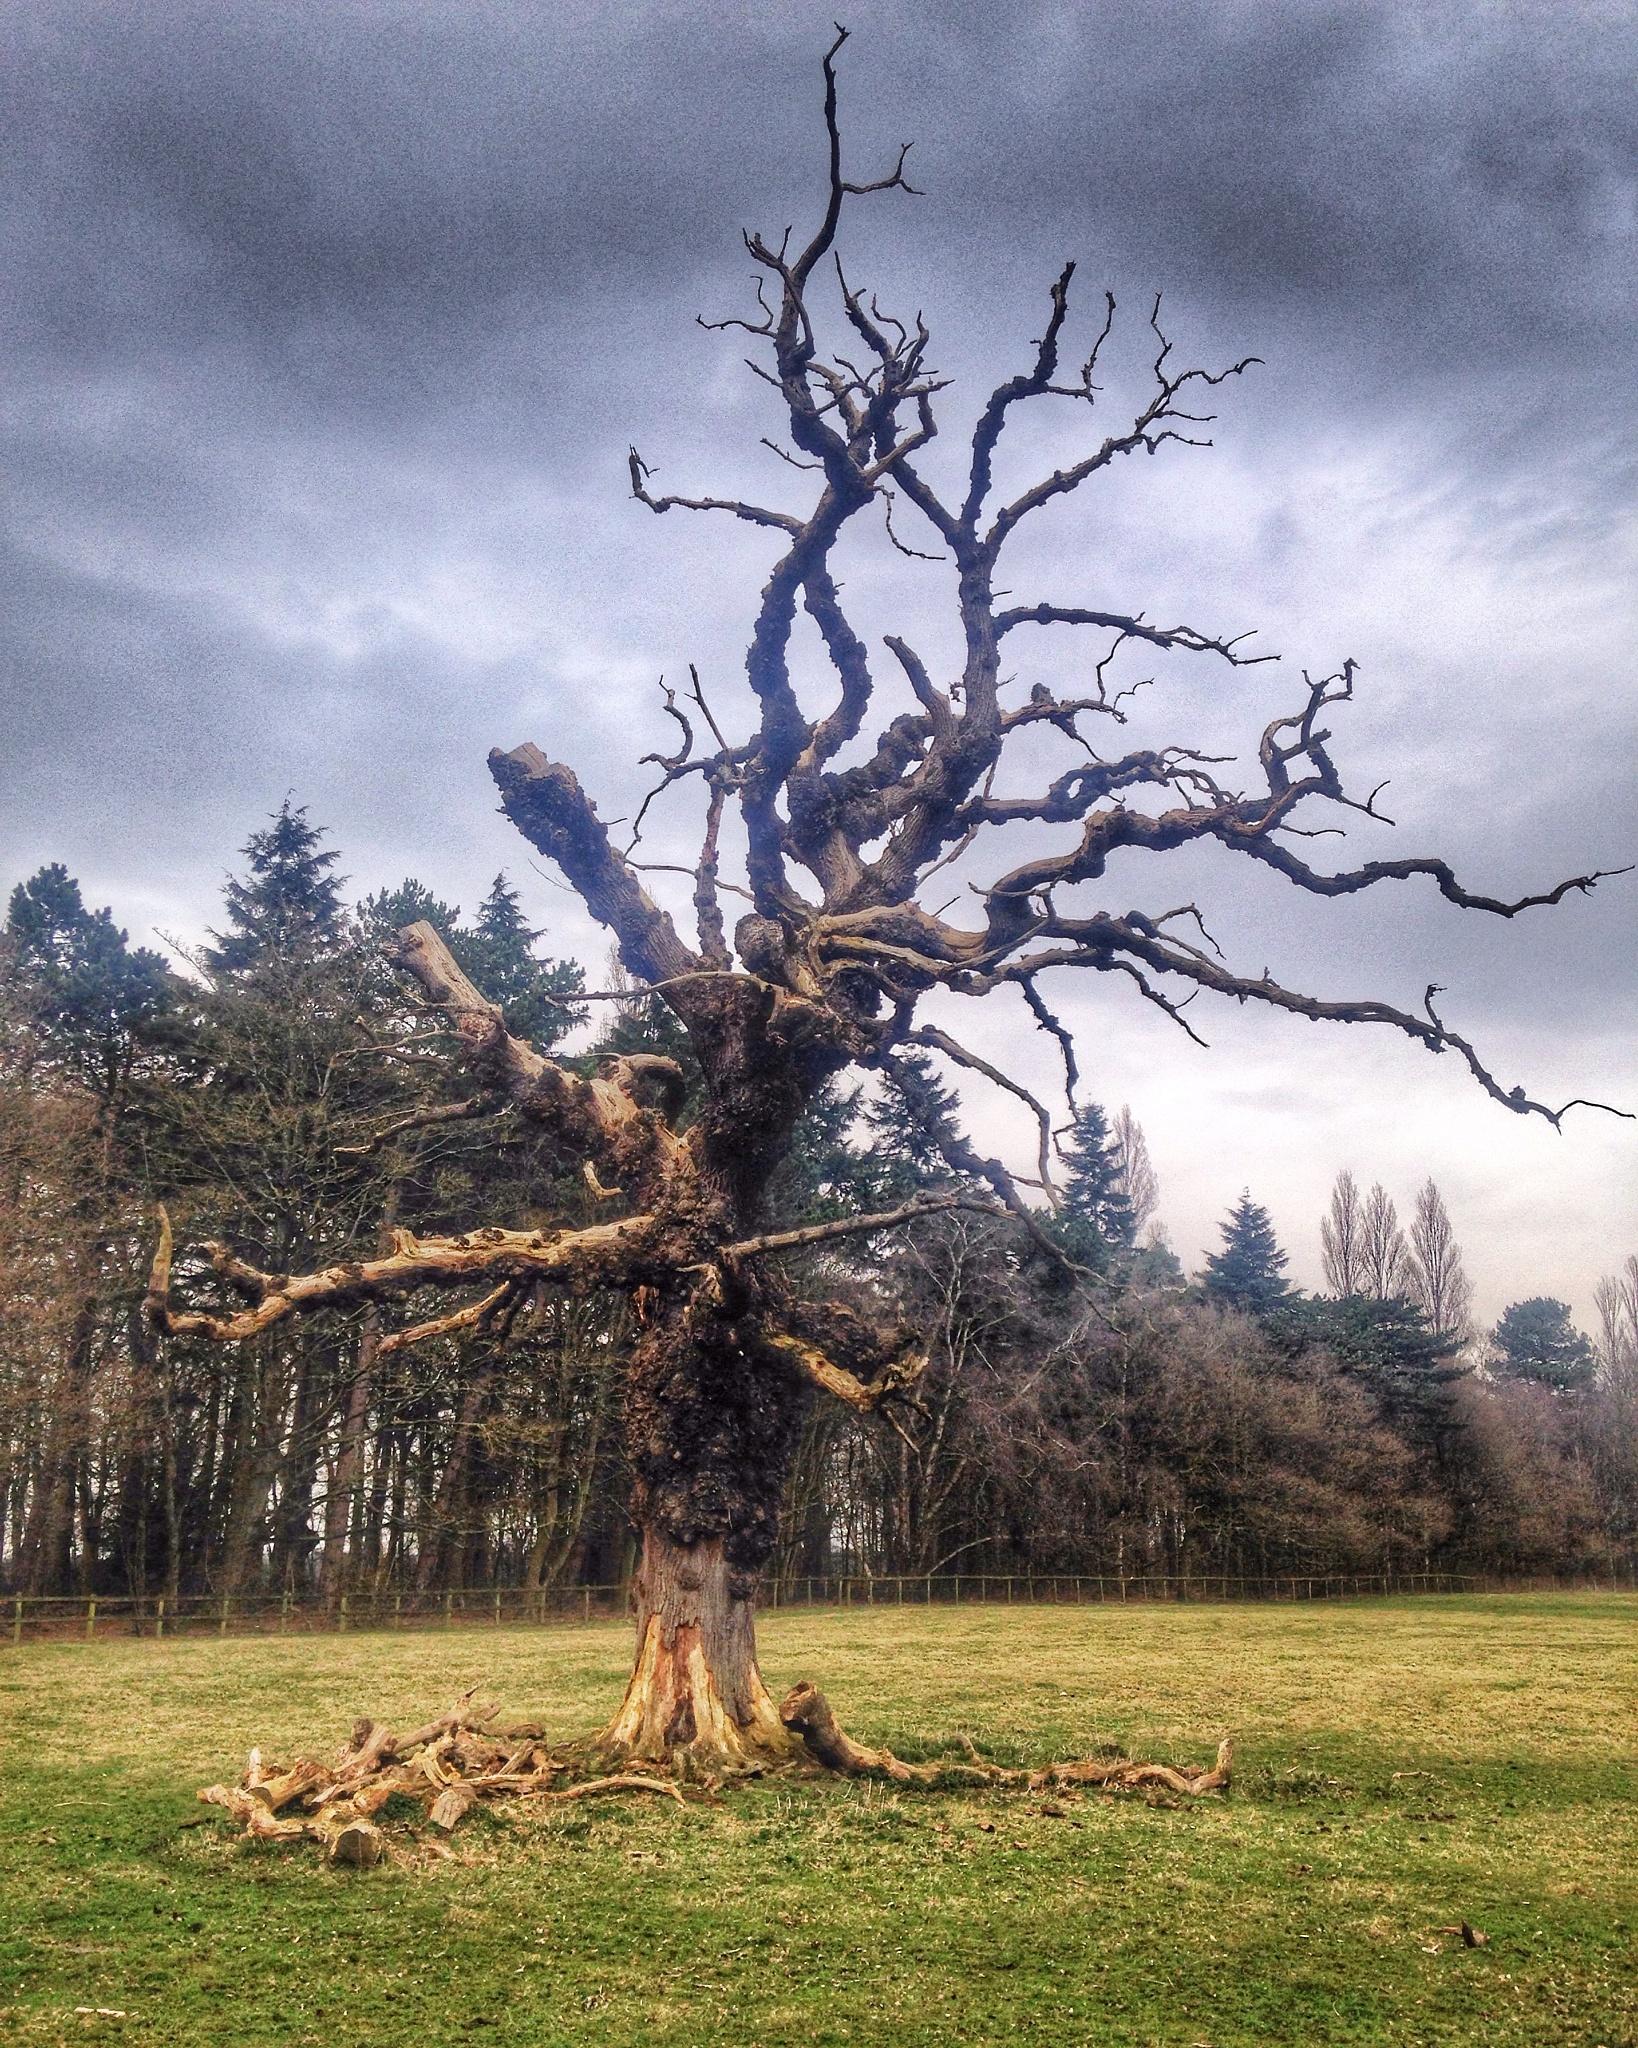 Lonely tree by VicsPics